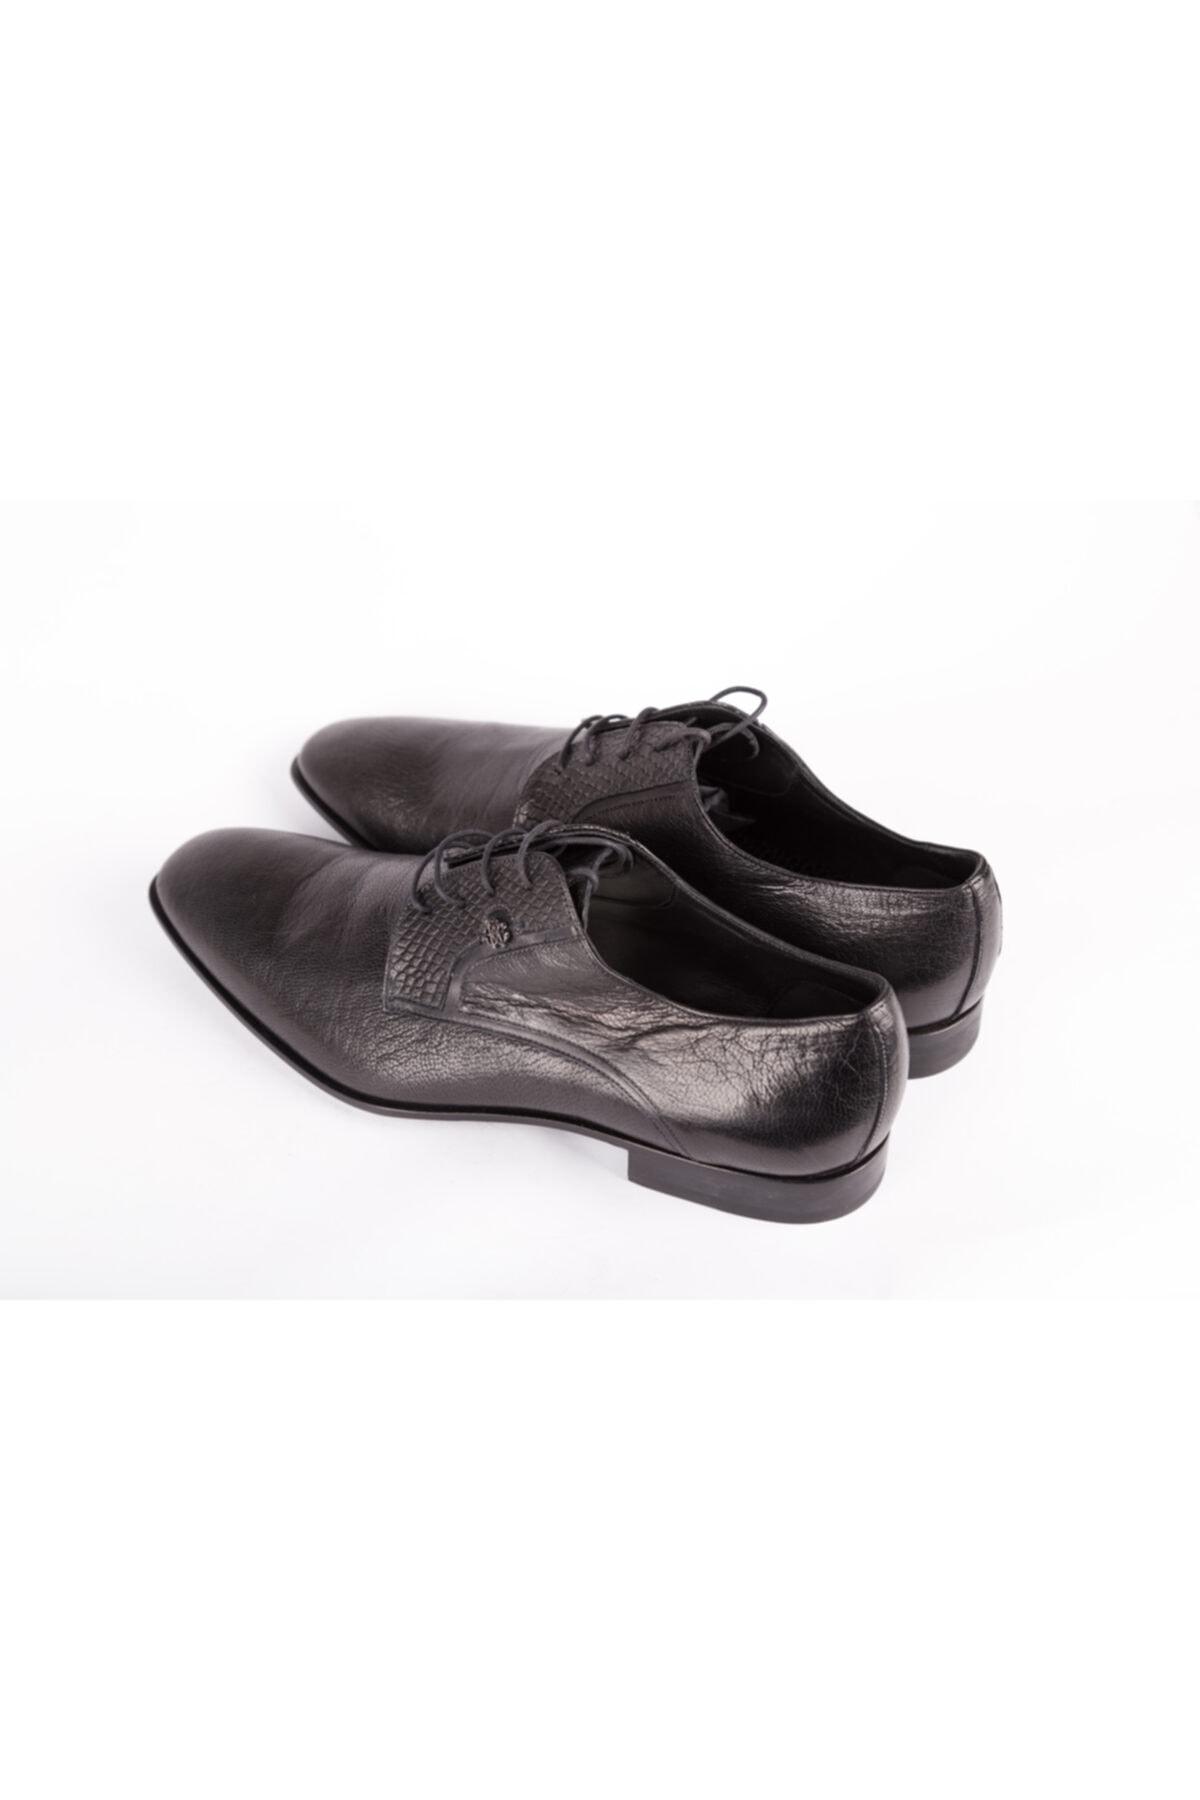 Roberto Cavalli Erkek Siyah Hakiki Deri Klasik Ayakkabı 2